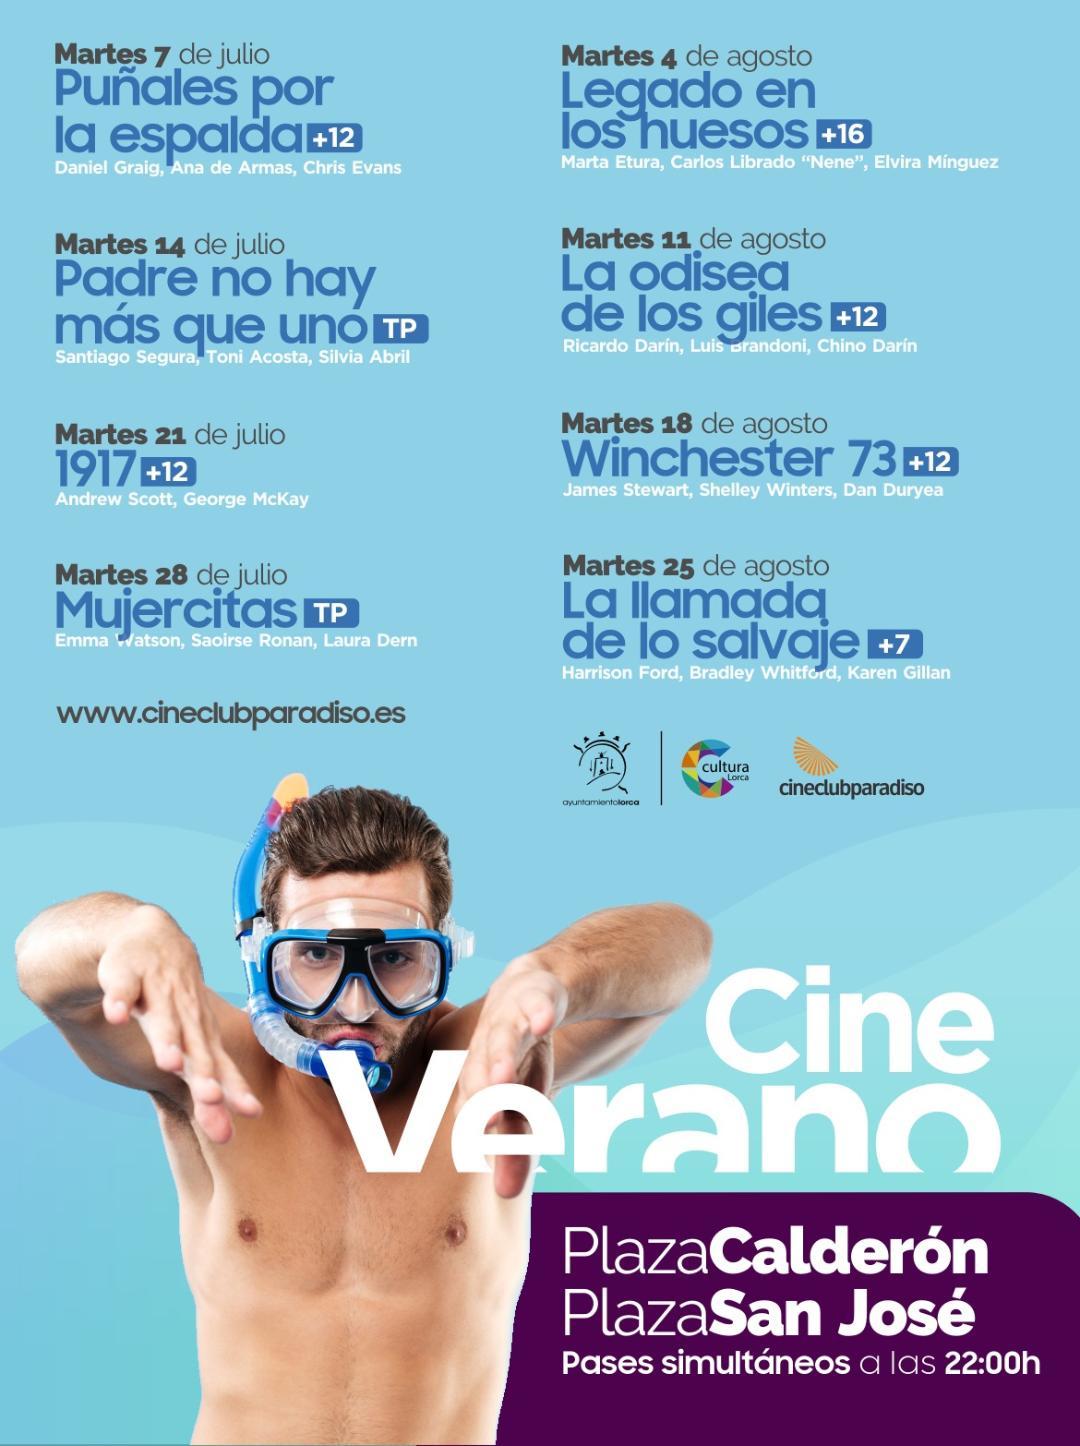 """La película '1917' se proyectará hoy martes, 21 de Julio, a las 22 horas dentro de la programación """"Verano de Cine"""" puesta en marcha para amenizar el periodo estival en Lorca"""